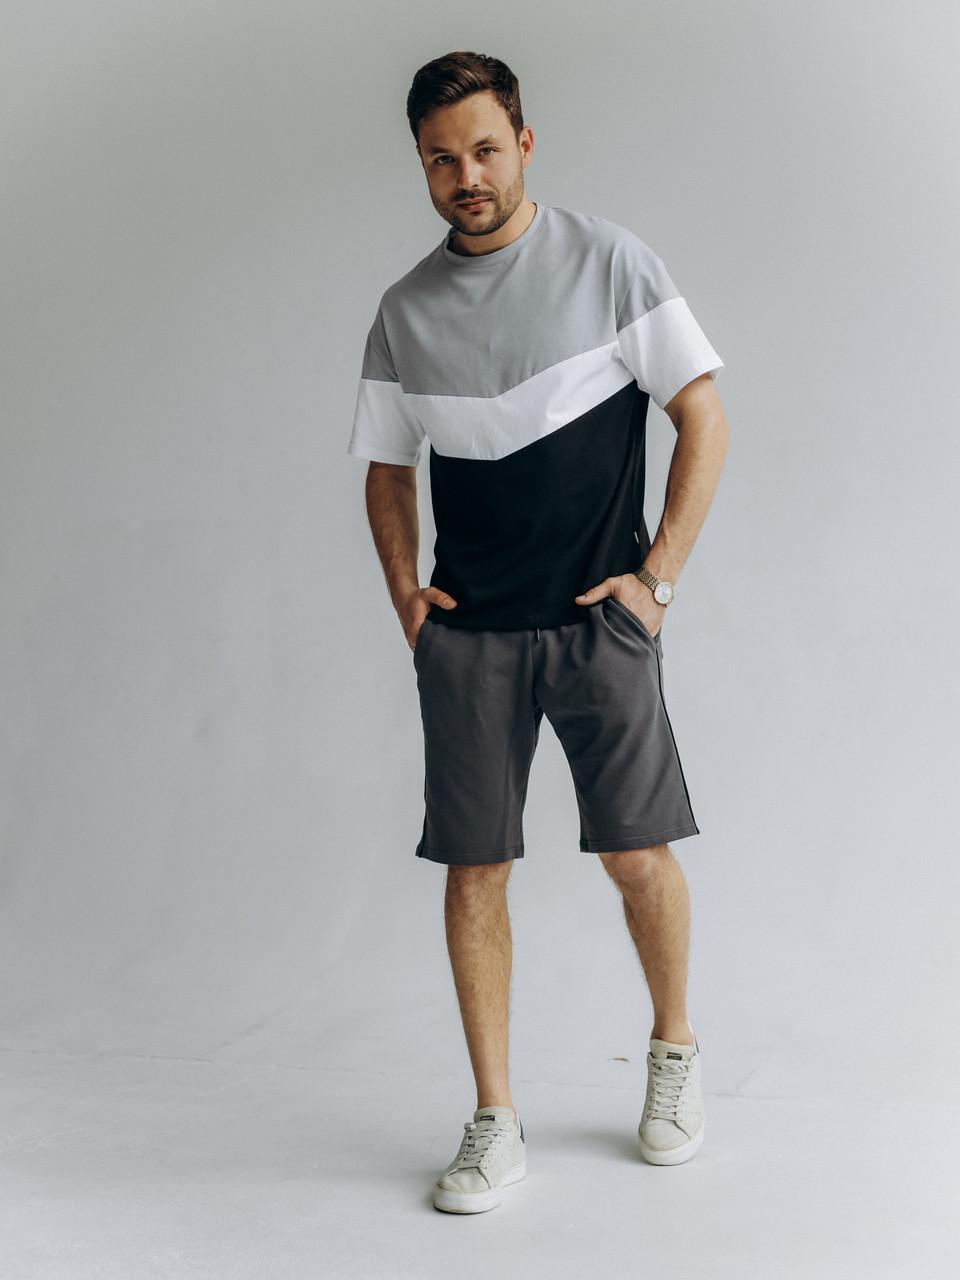 Чоловічий літній прогулянковий спортивний комплект чорні шорти і футболка триколірна